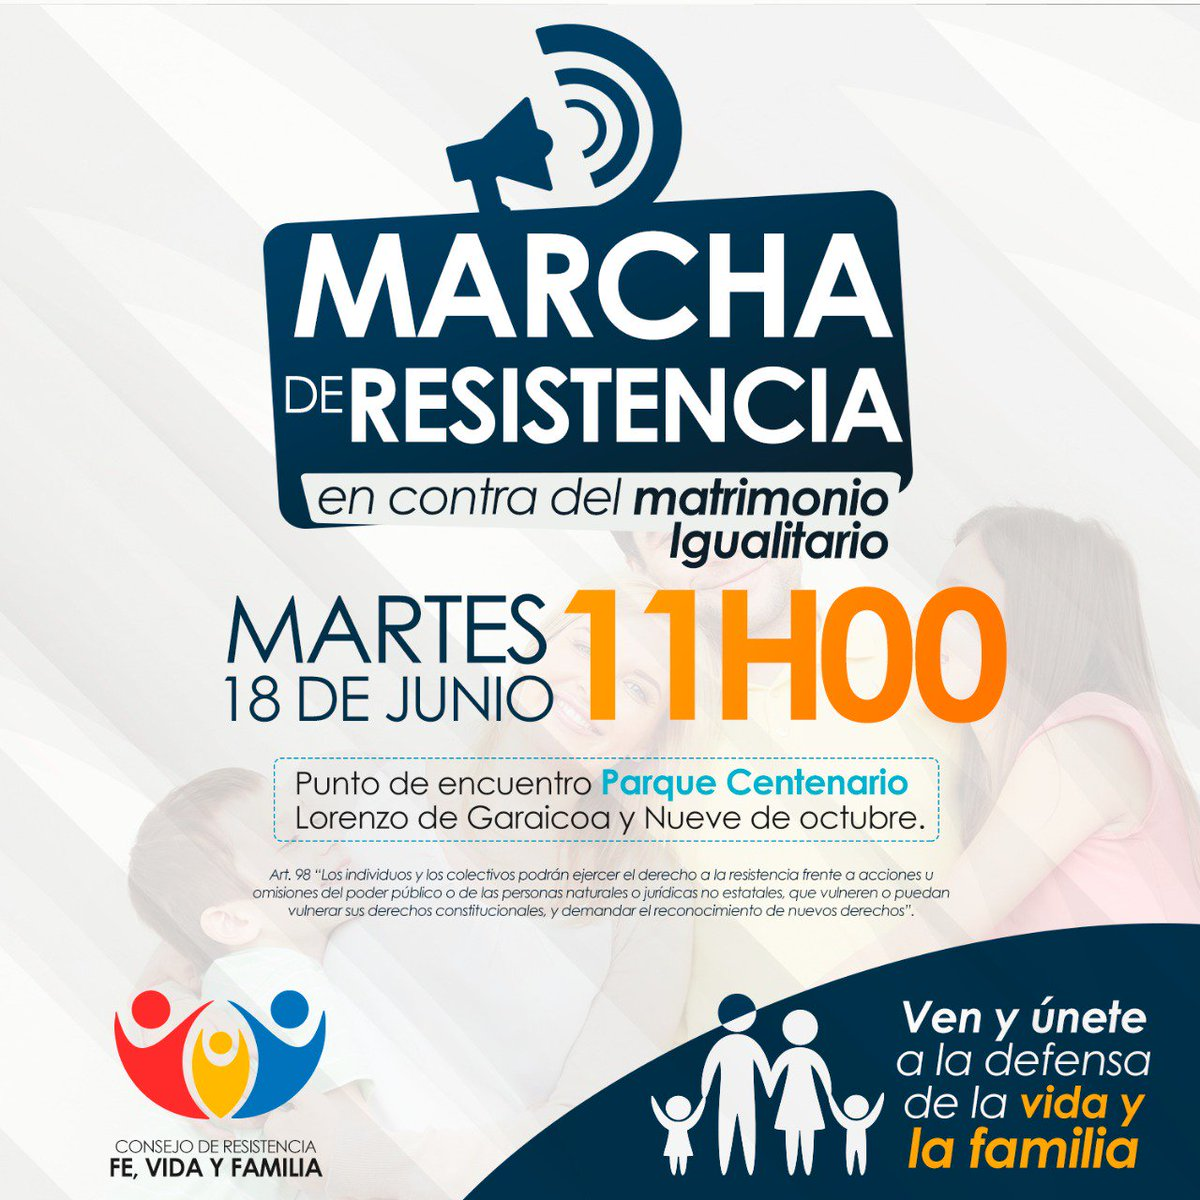 #resistenciaalmatrimonioigualitario #endefensadelafamilia Todos a defender la familia Martes 18 de Junio 11 Parque Centenario. @Aqua2650 @JusticeVeraEC @asolasconrene @ecuador_real @tinocotania